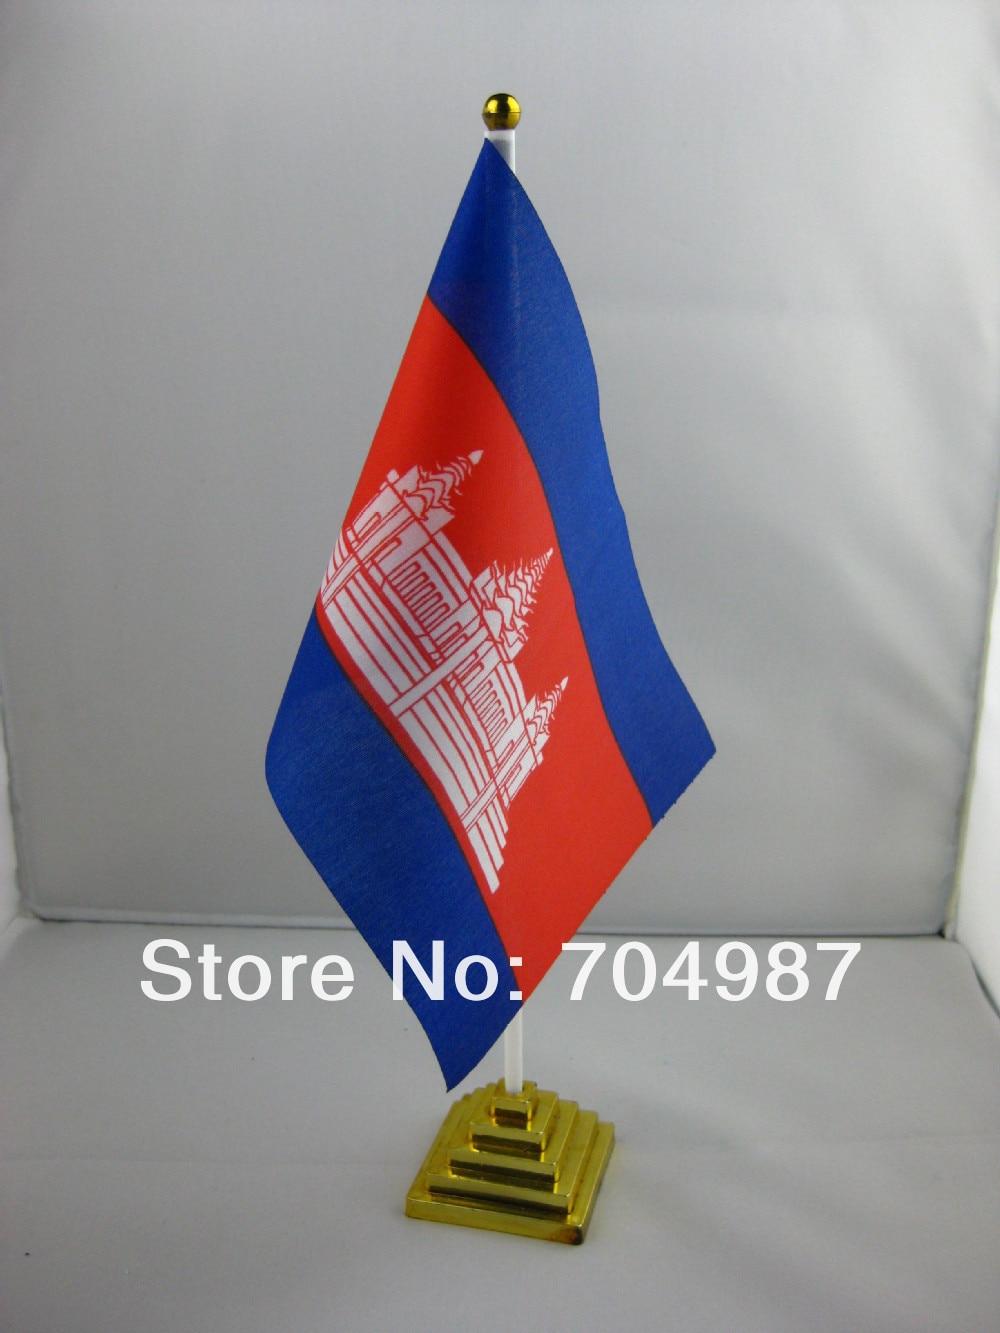 3x5ft Kambodscha Flagge Fliegen Flagge #4 144x96 #1 288x192 #2 240x160 #3 192x128 #5 96x64 #6 60x40 #7 30x20 Ks-0086-c